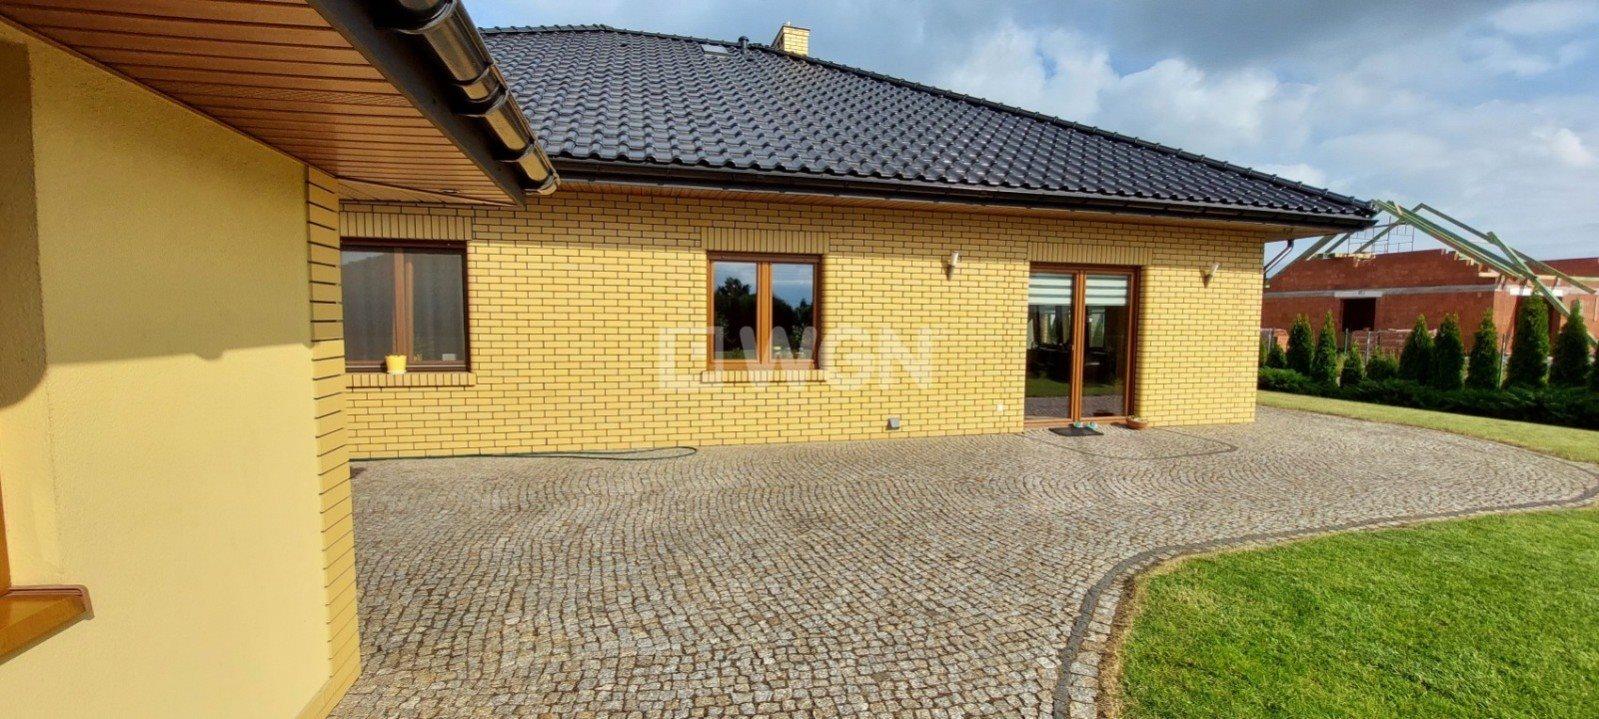 Dom na sprzedaż Piotrków Trybunalski, Piotrków Trybunalski  250m2 Foto 9